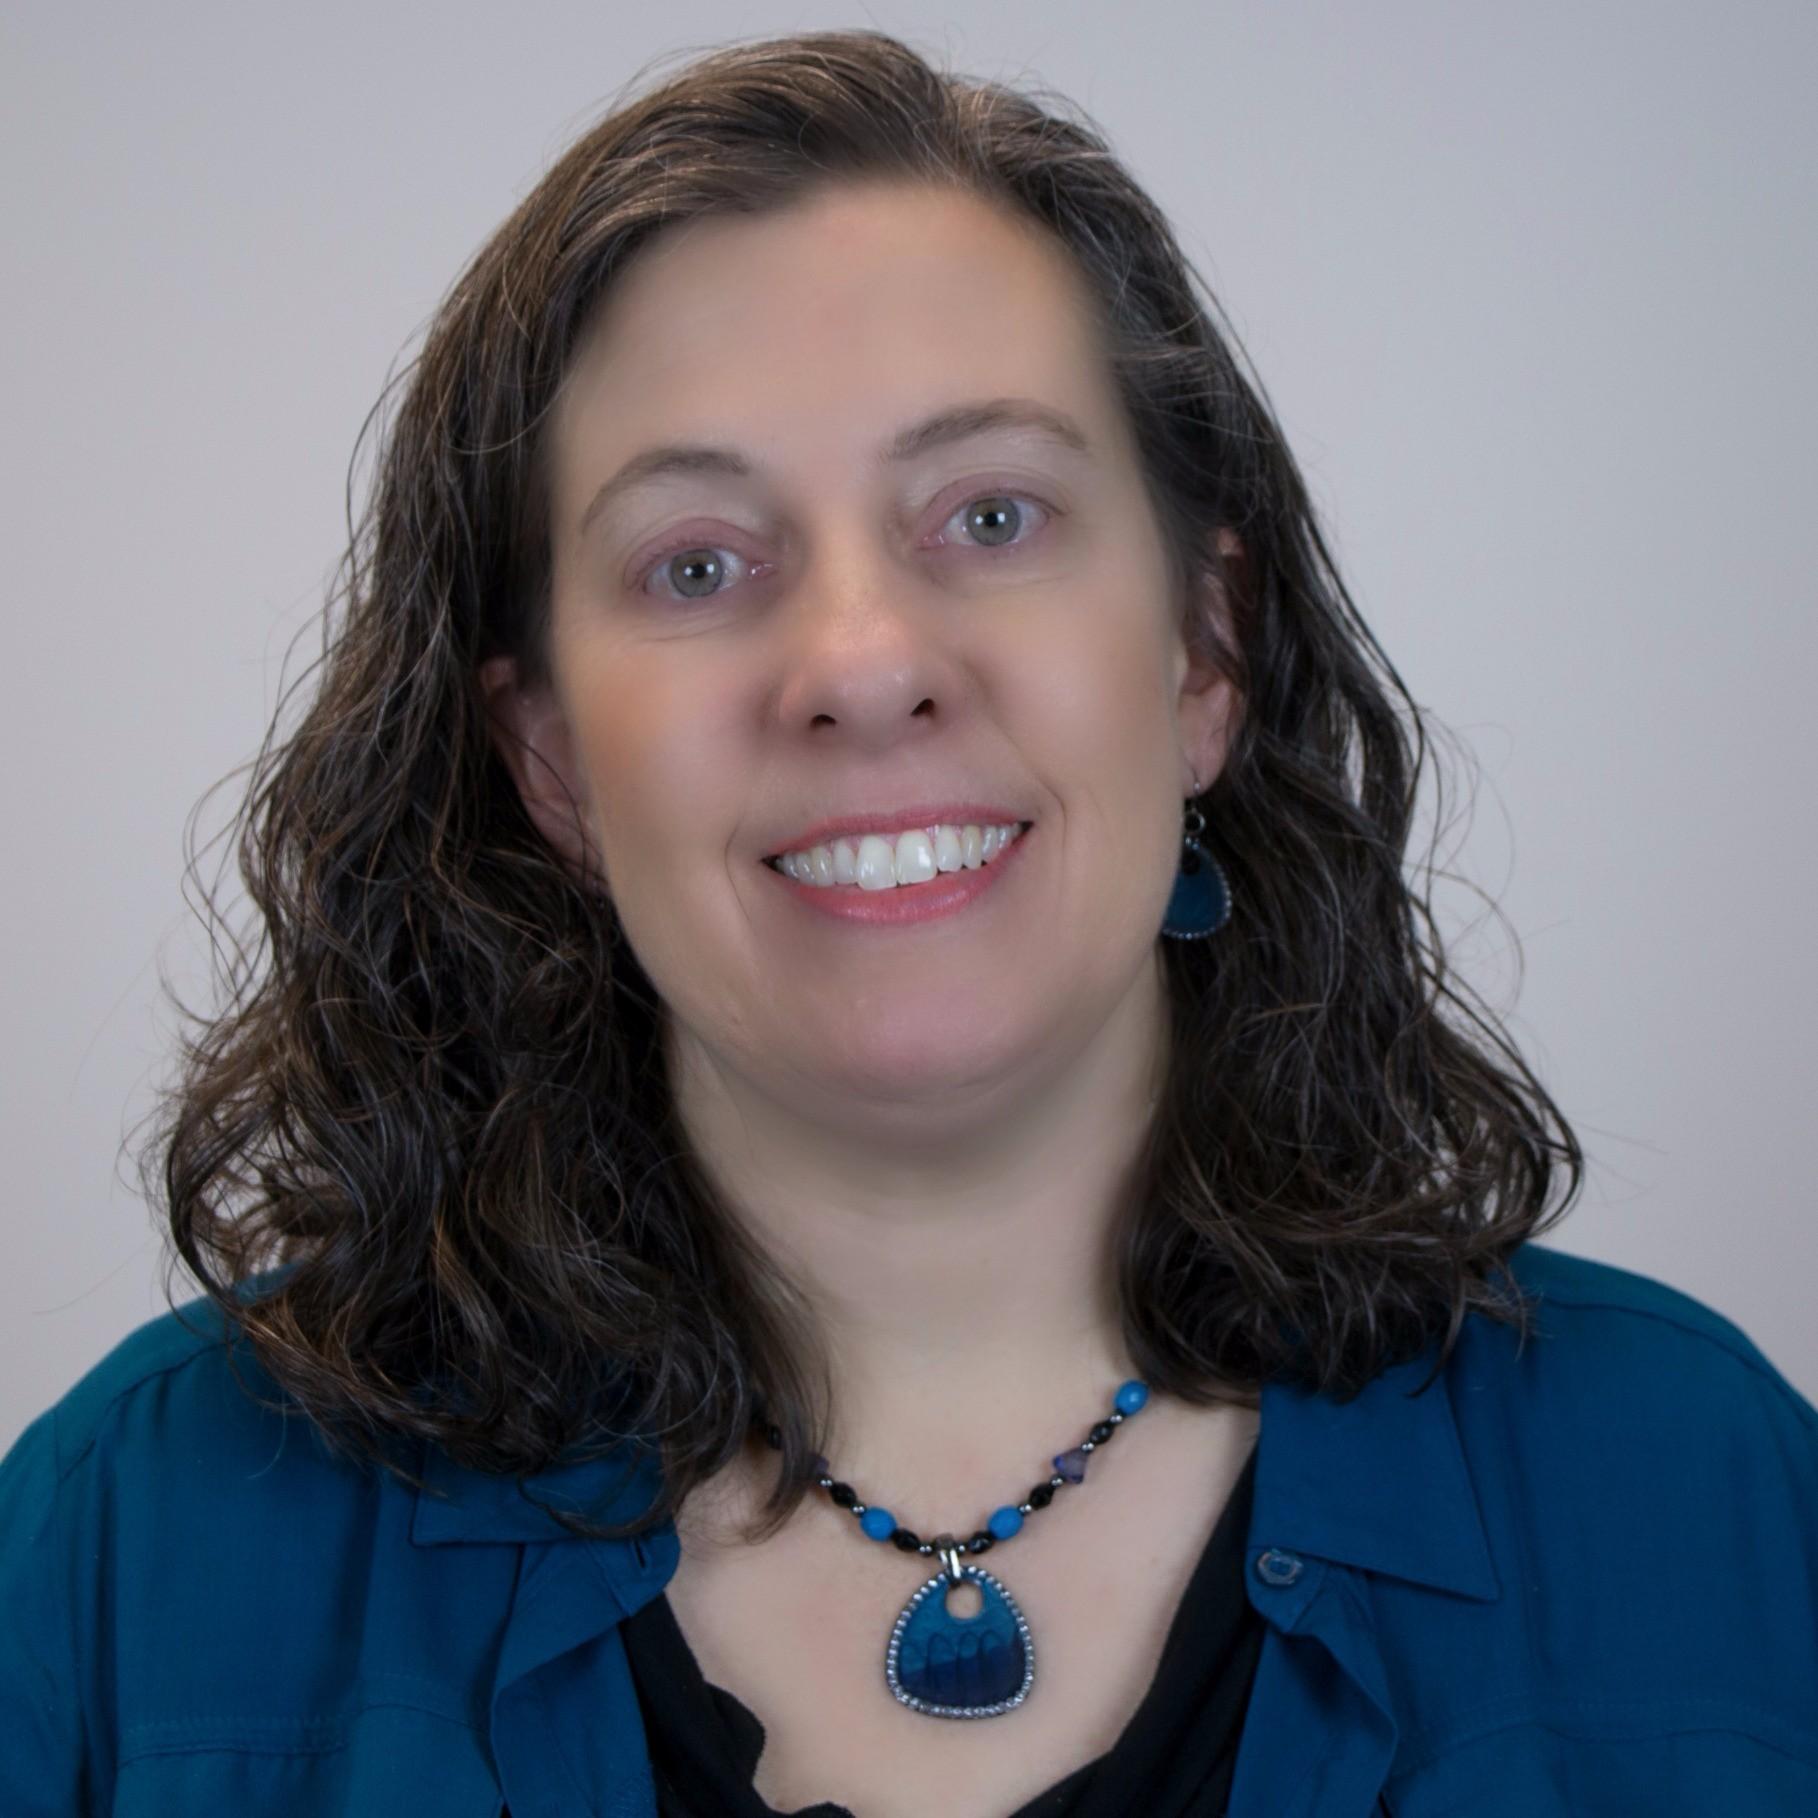 Sharon Seyfarth Garner